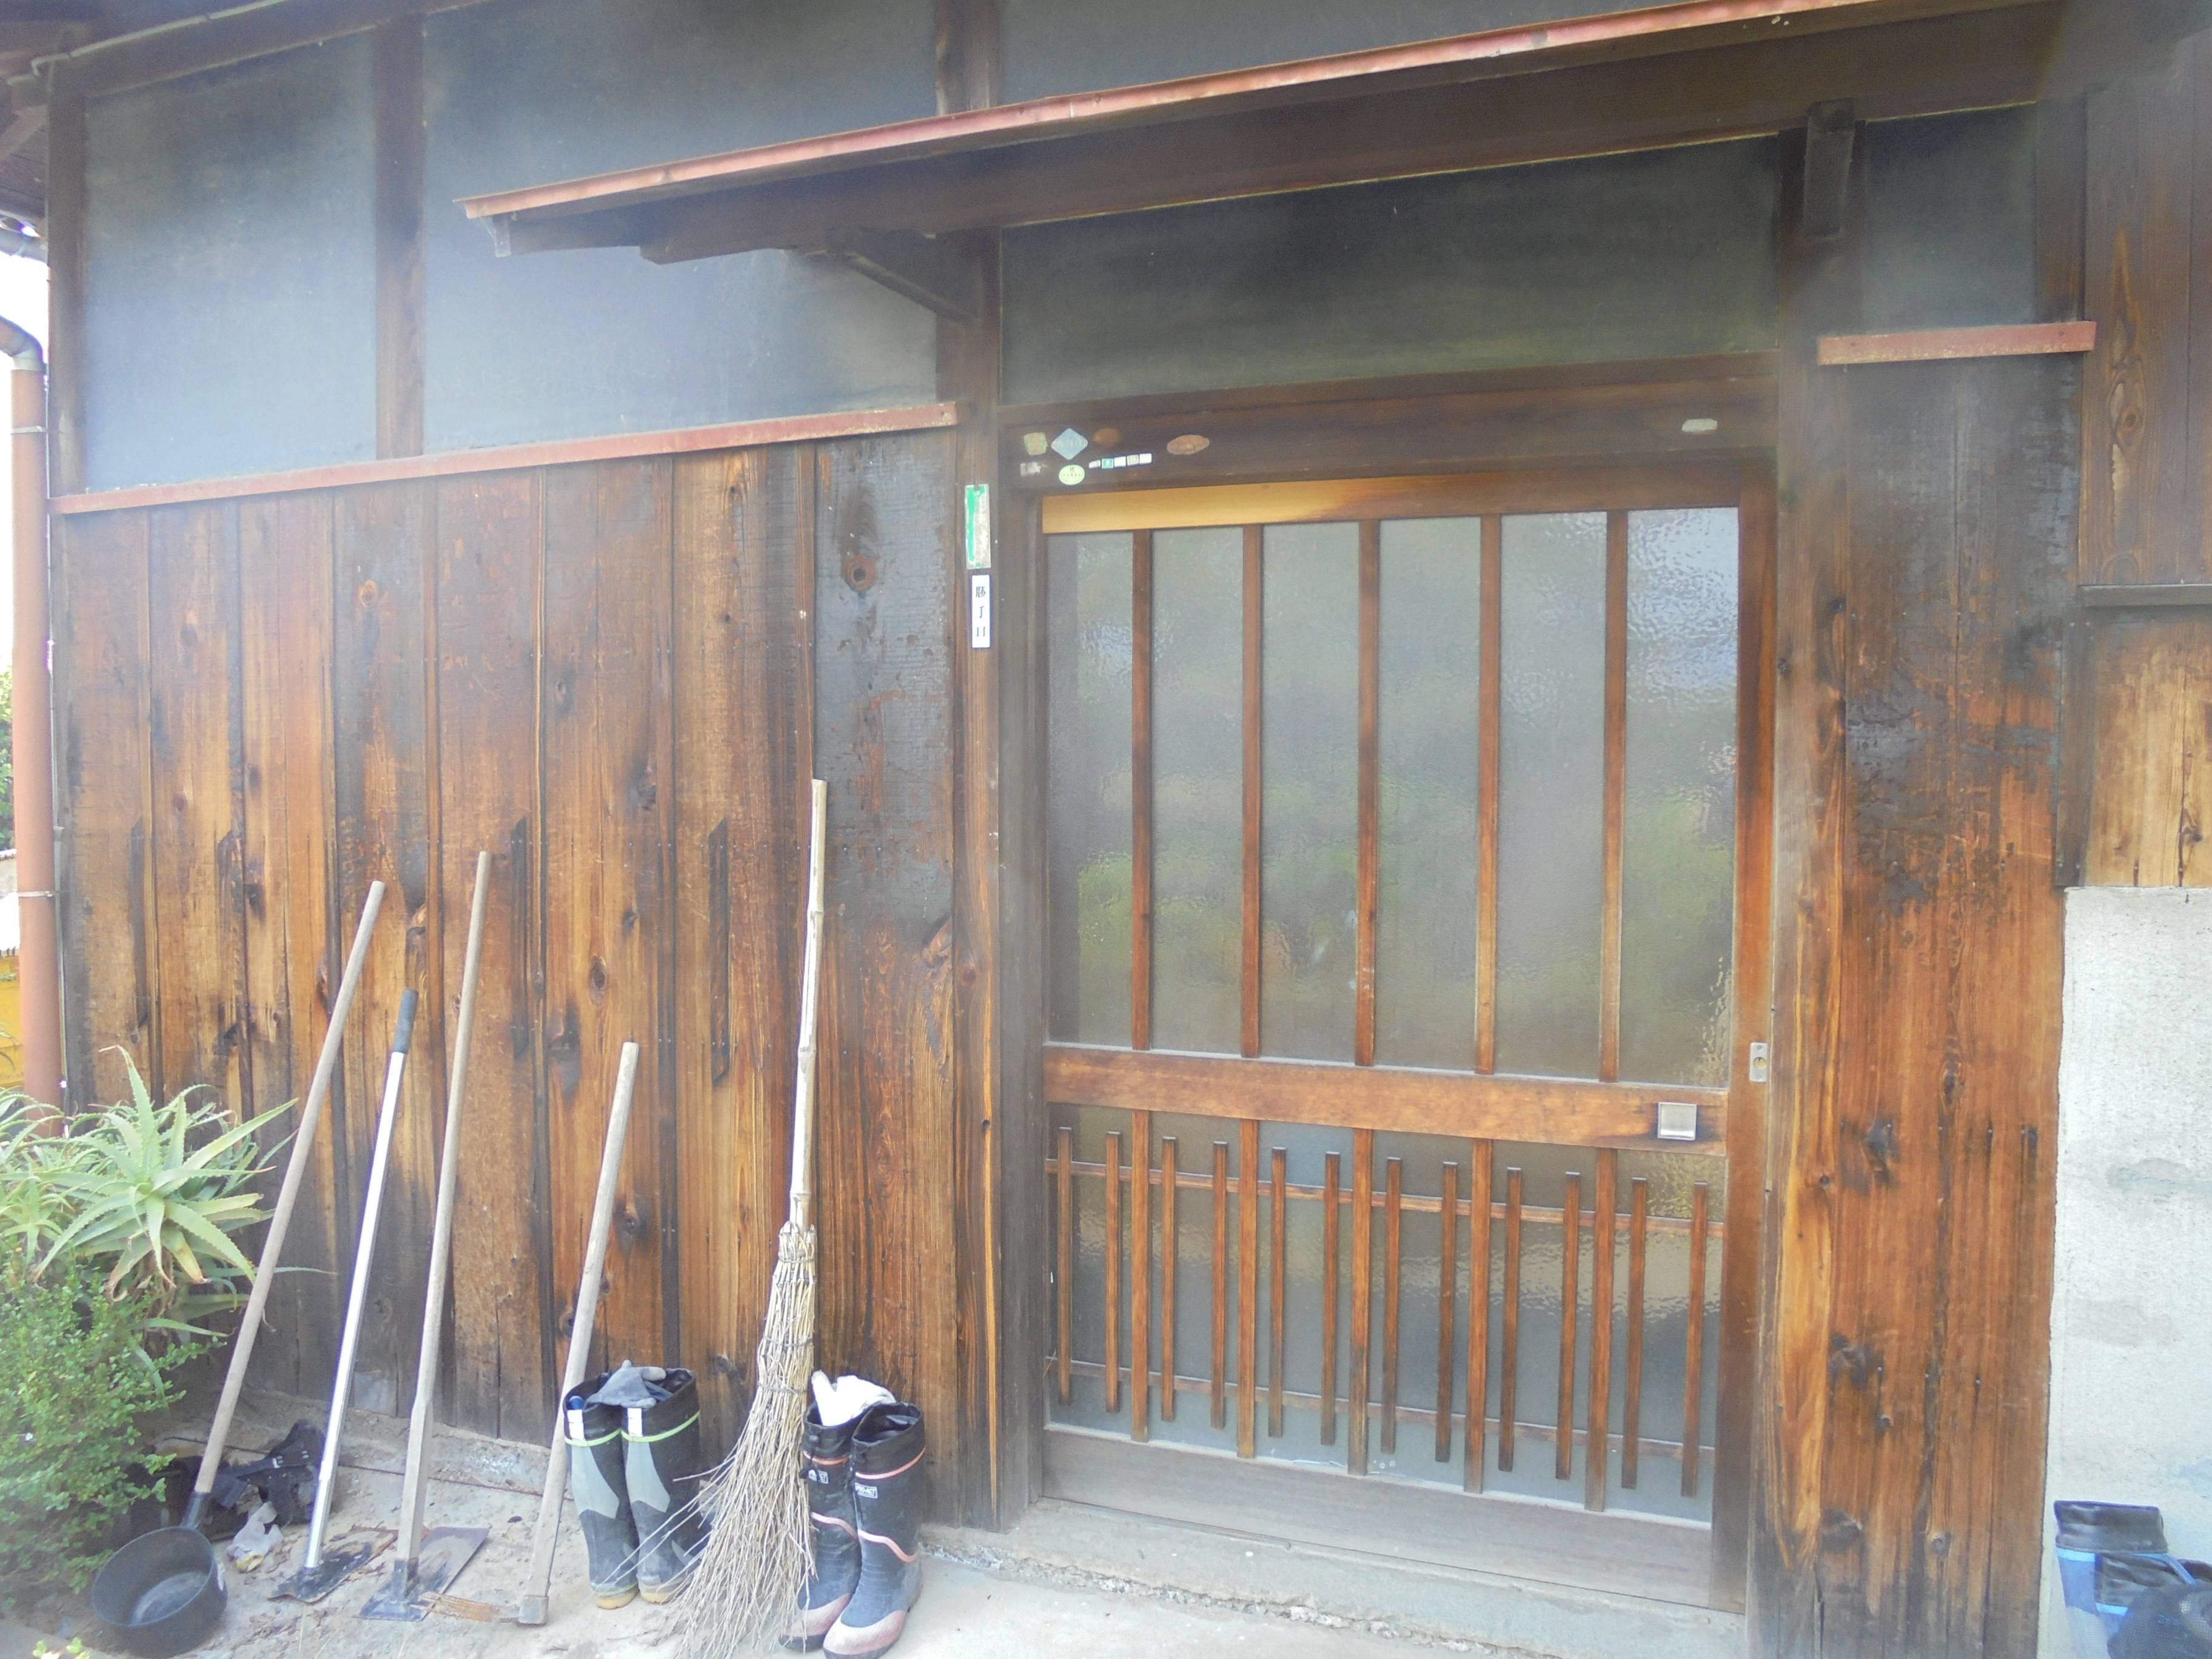 古くなった玄関を取り替えて、毎日の出入りを快適に。 北摂トーヨー住器の現場ブログ 写真1